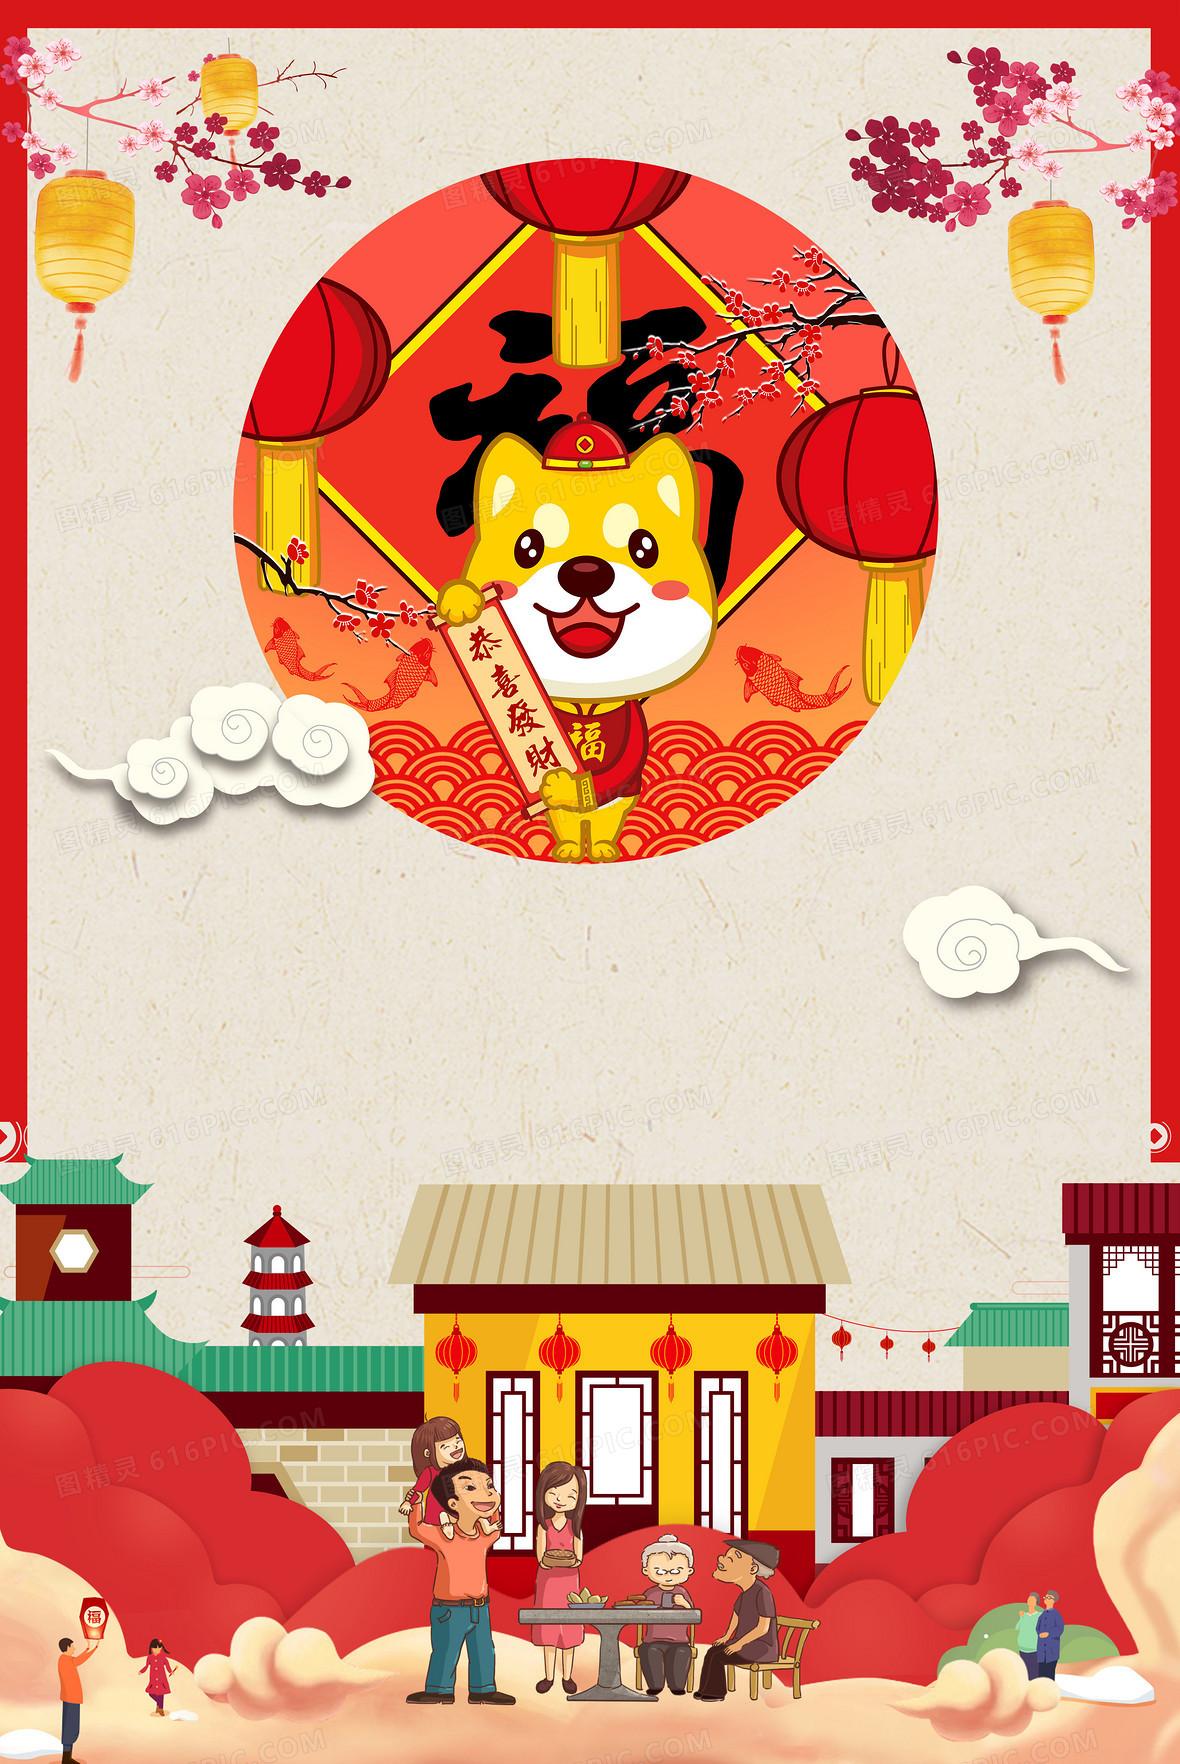 2018狗年春节手绘插画卡通狗海报